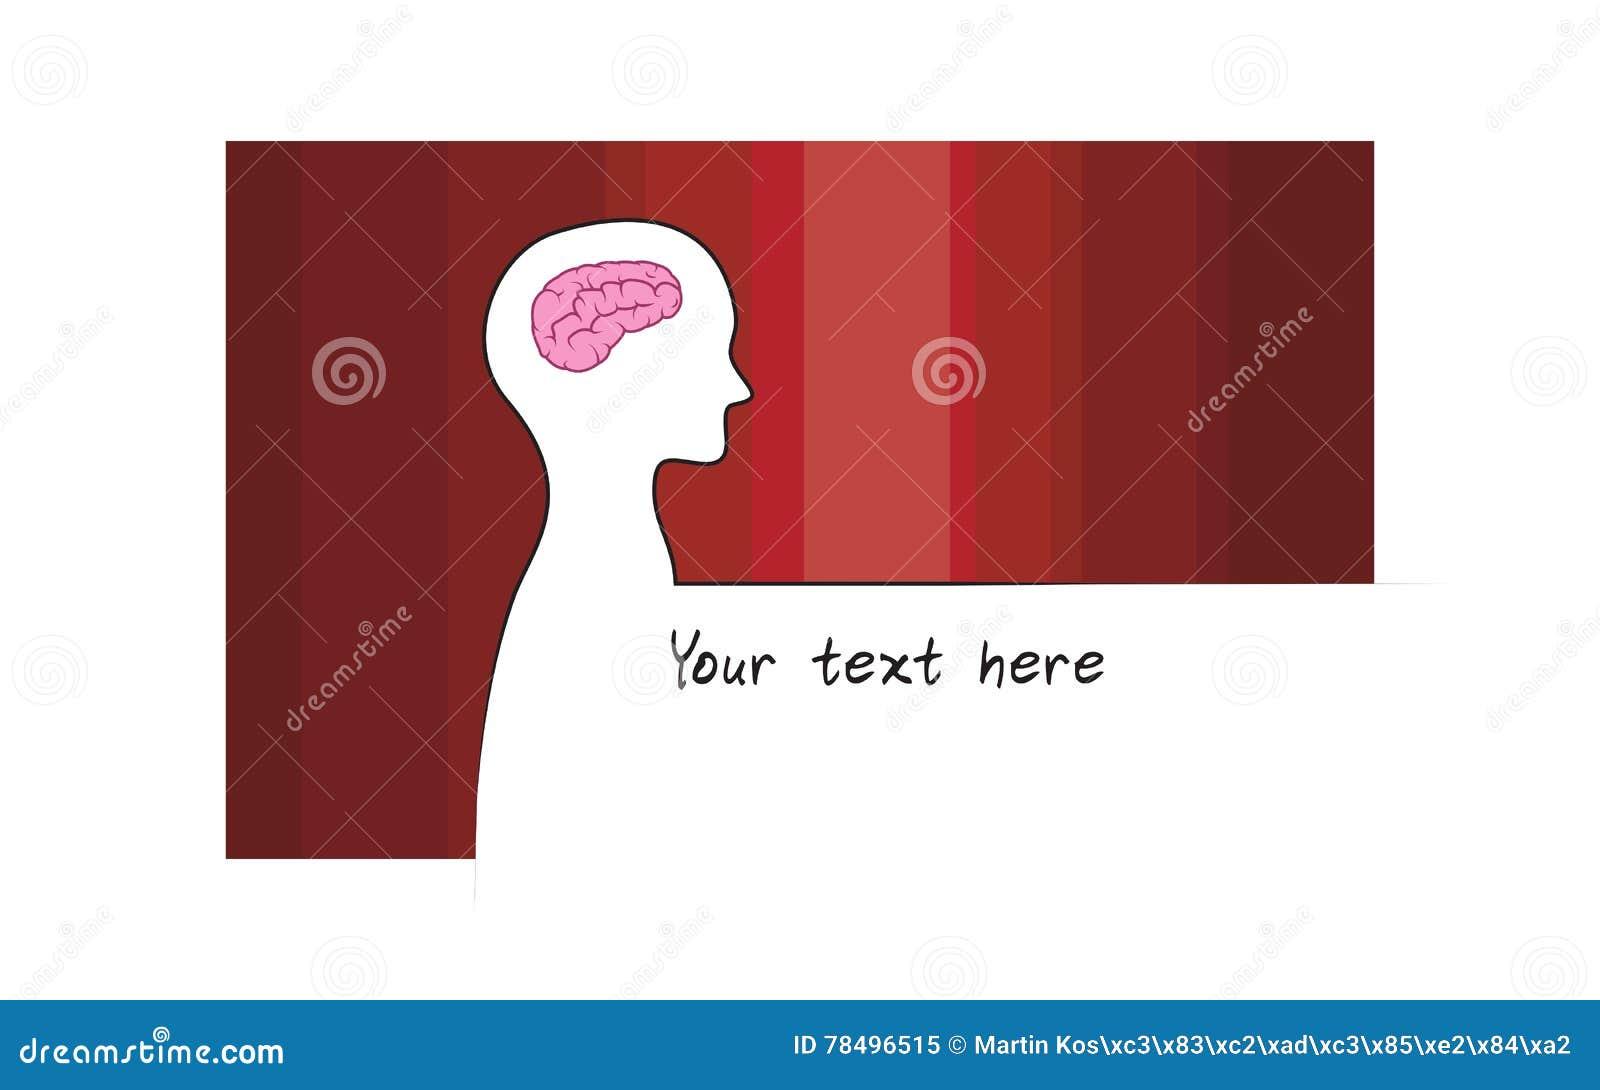 Sillhouette astratto della persona con il fondo di colore rosso Simbolo del cervello di intelligenza Versione bianca